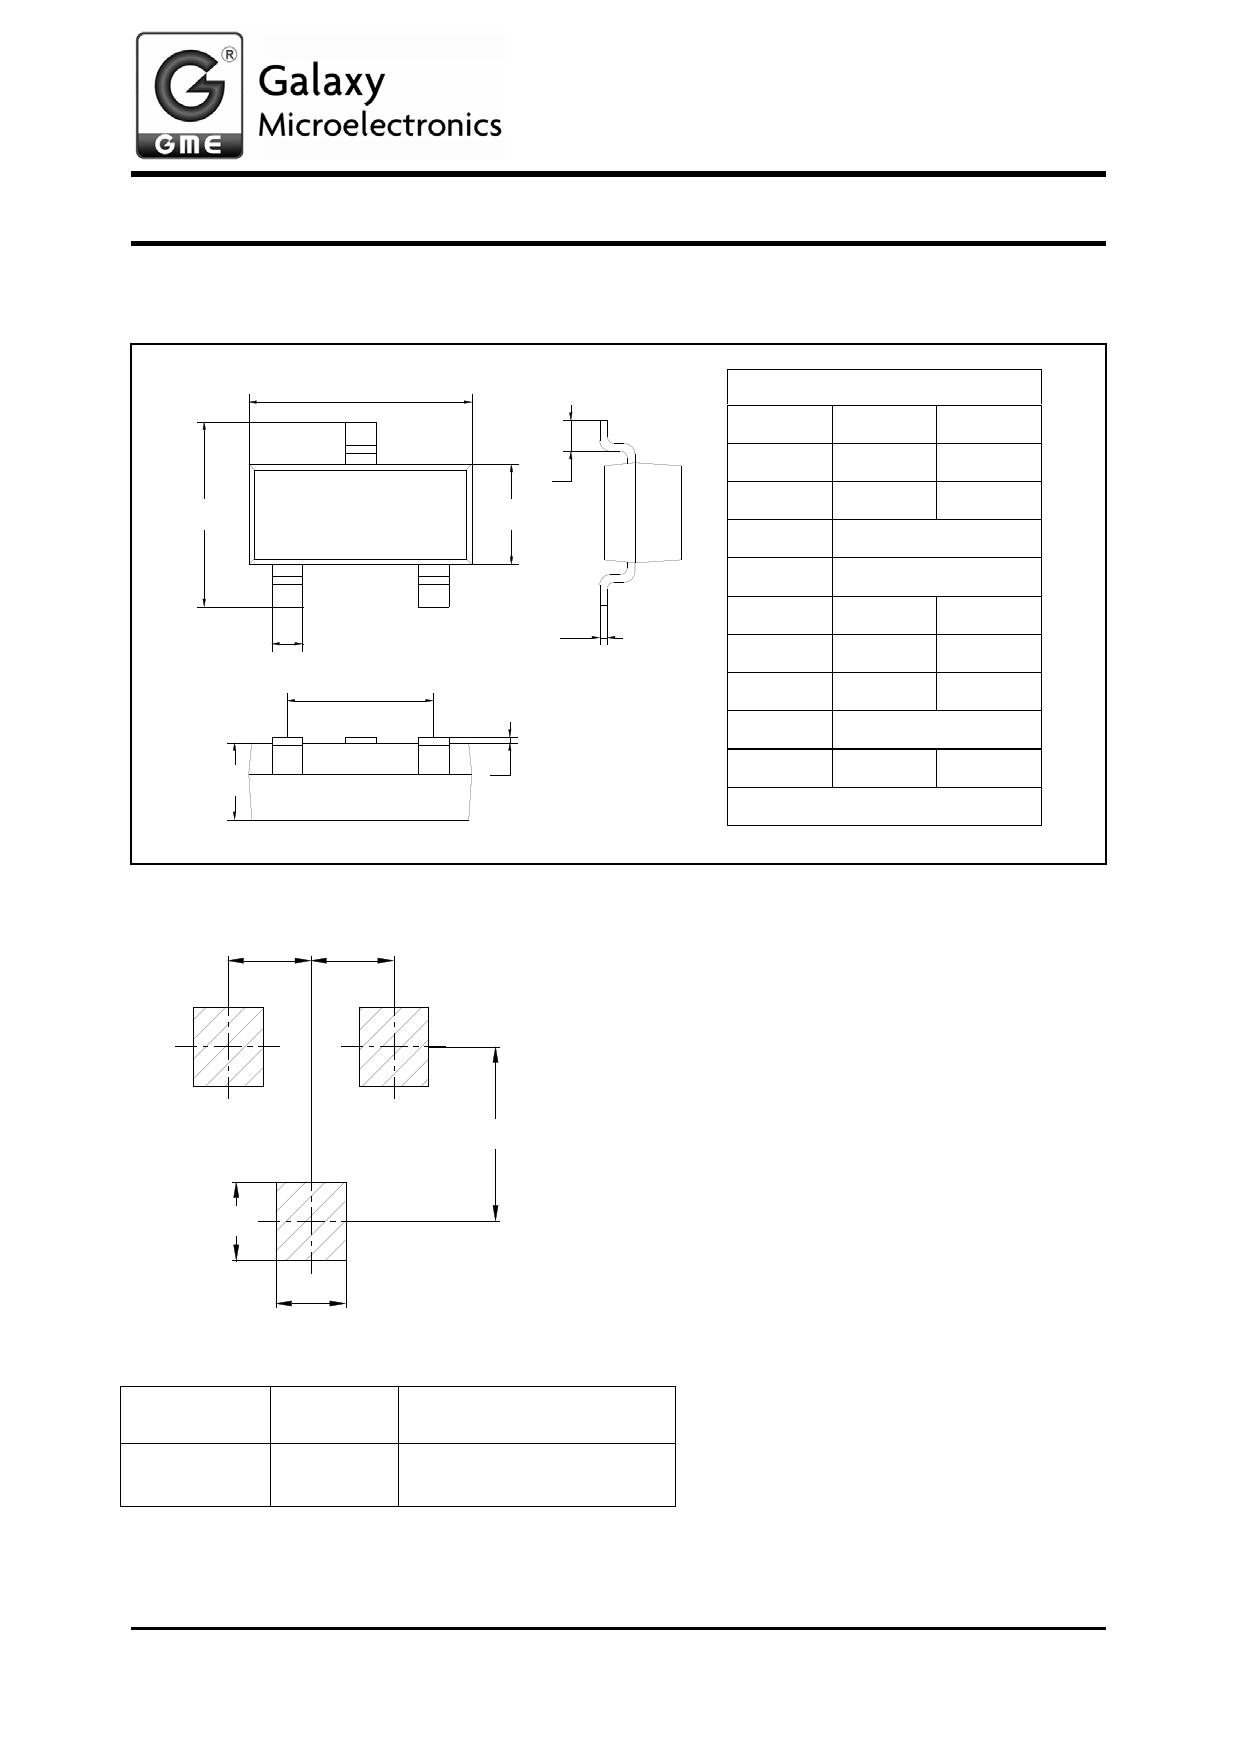 MMBT2369A pdf, ピン配列